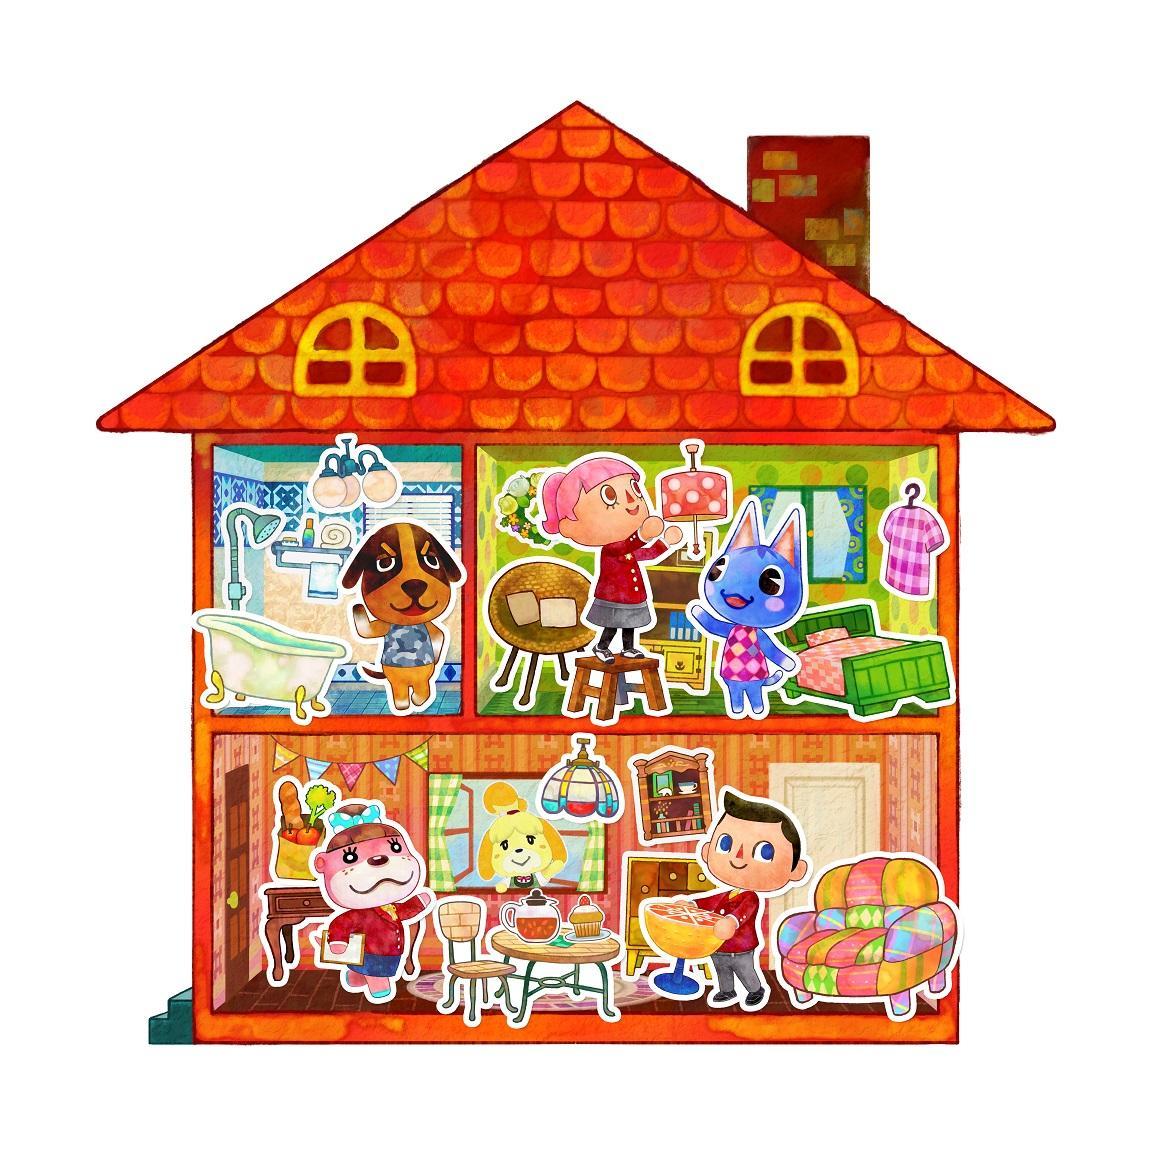 Album Cover clipart animal crossing Home  Designer Amazon 3DS: